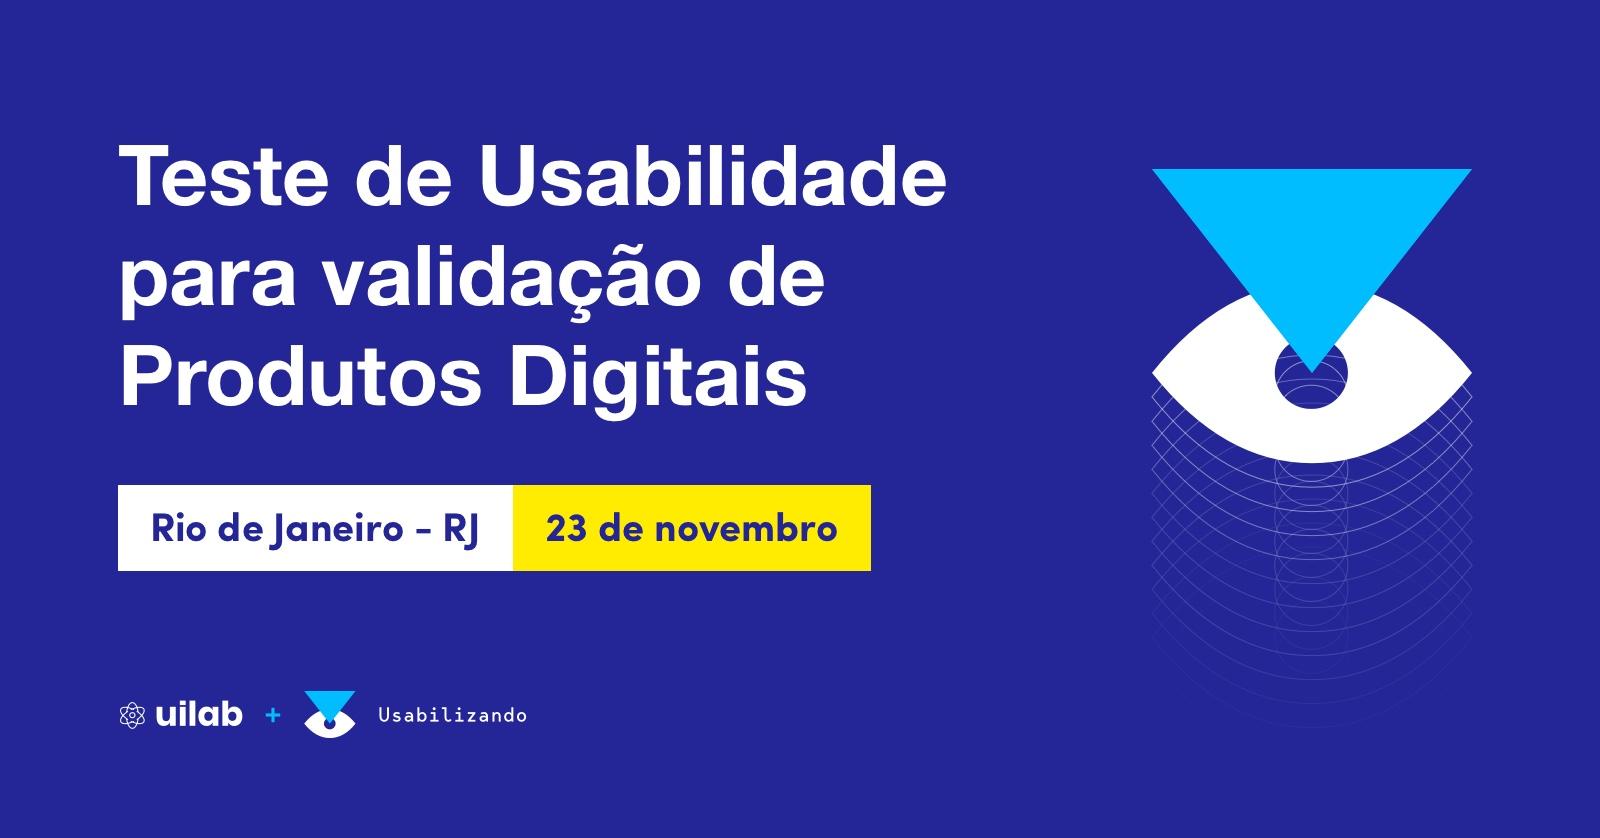 Curso de Teste de Usabilidade no Rio de Janeiro